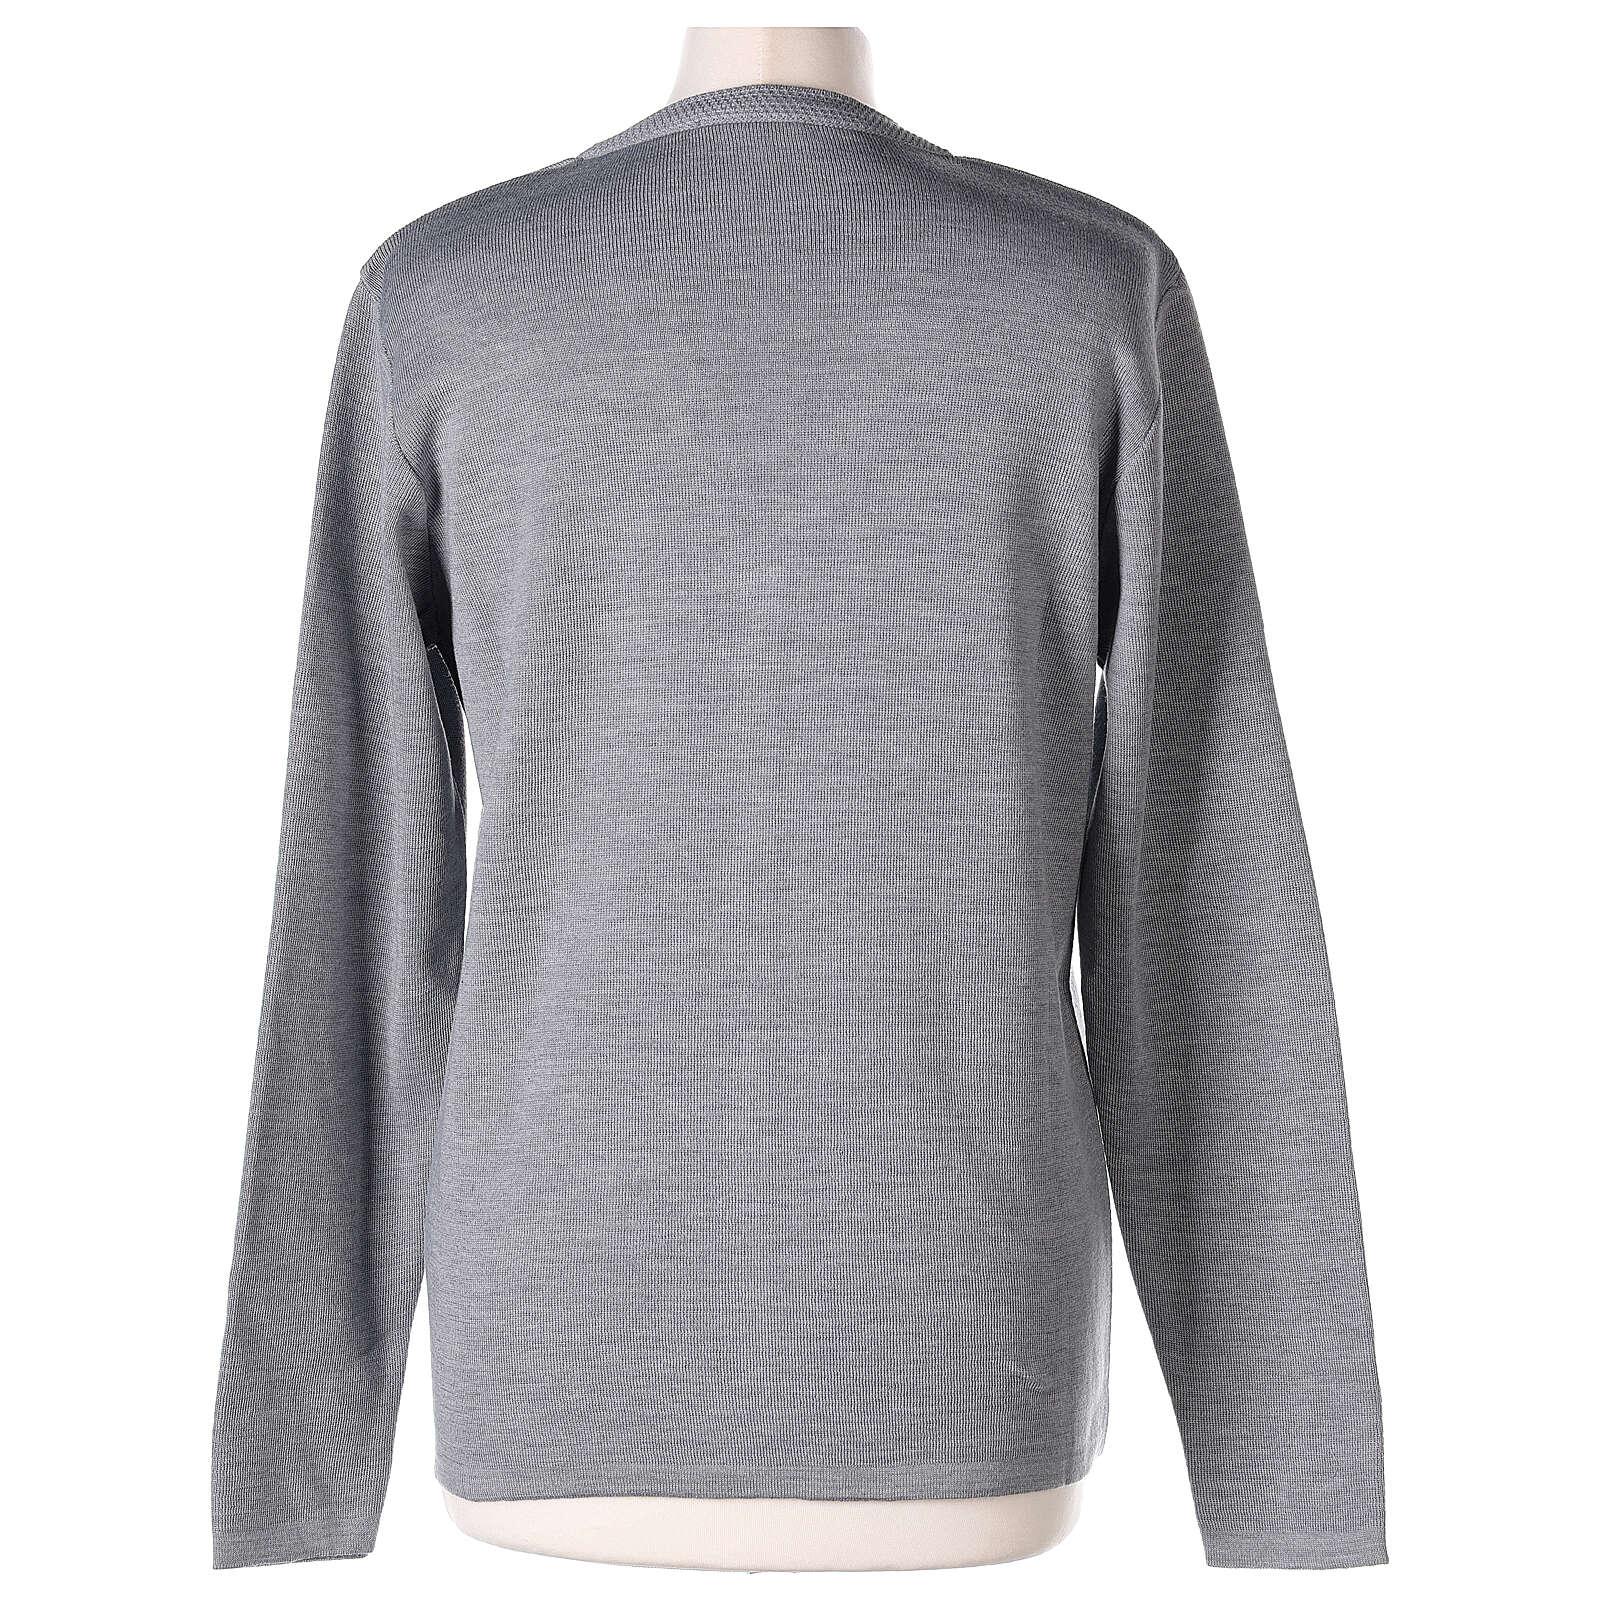 Cardigan suora grigio perla collo V tasche TAGLIE CONF. 50% acr. 50% merino In Primis 4